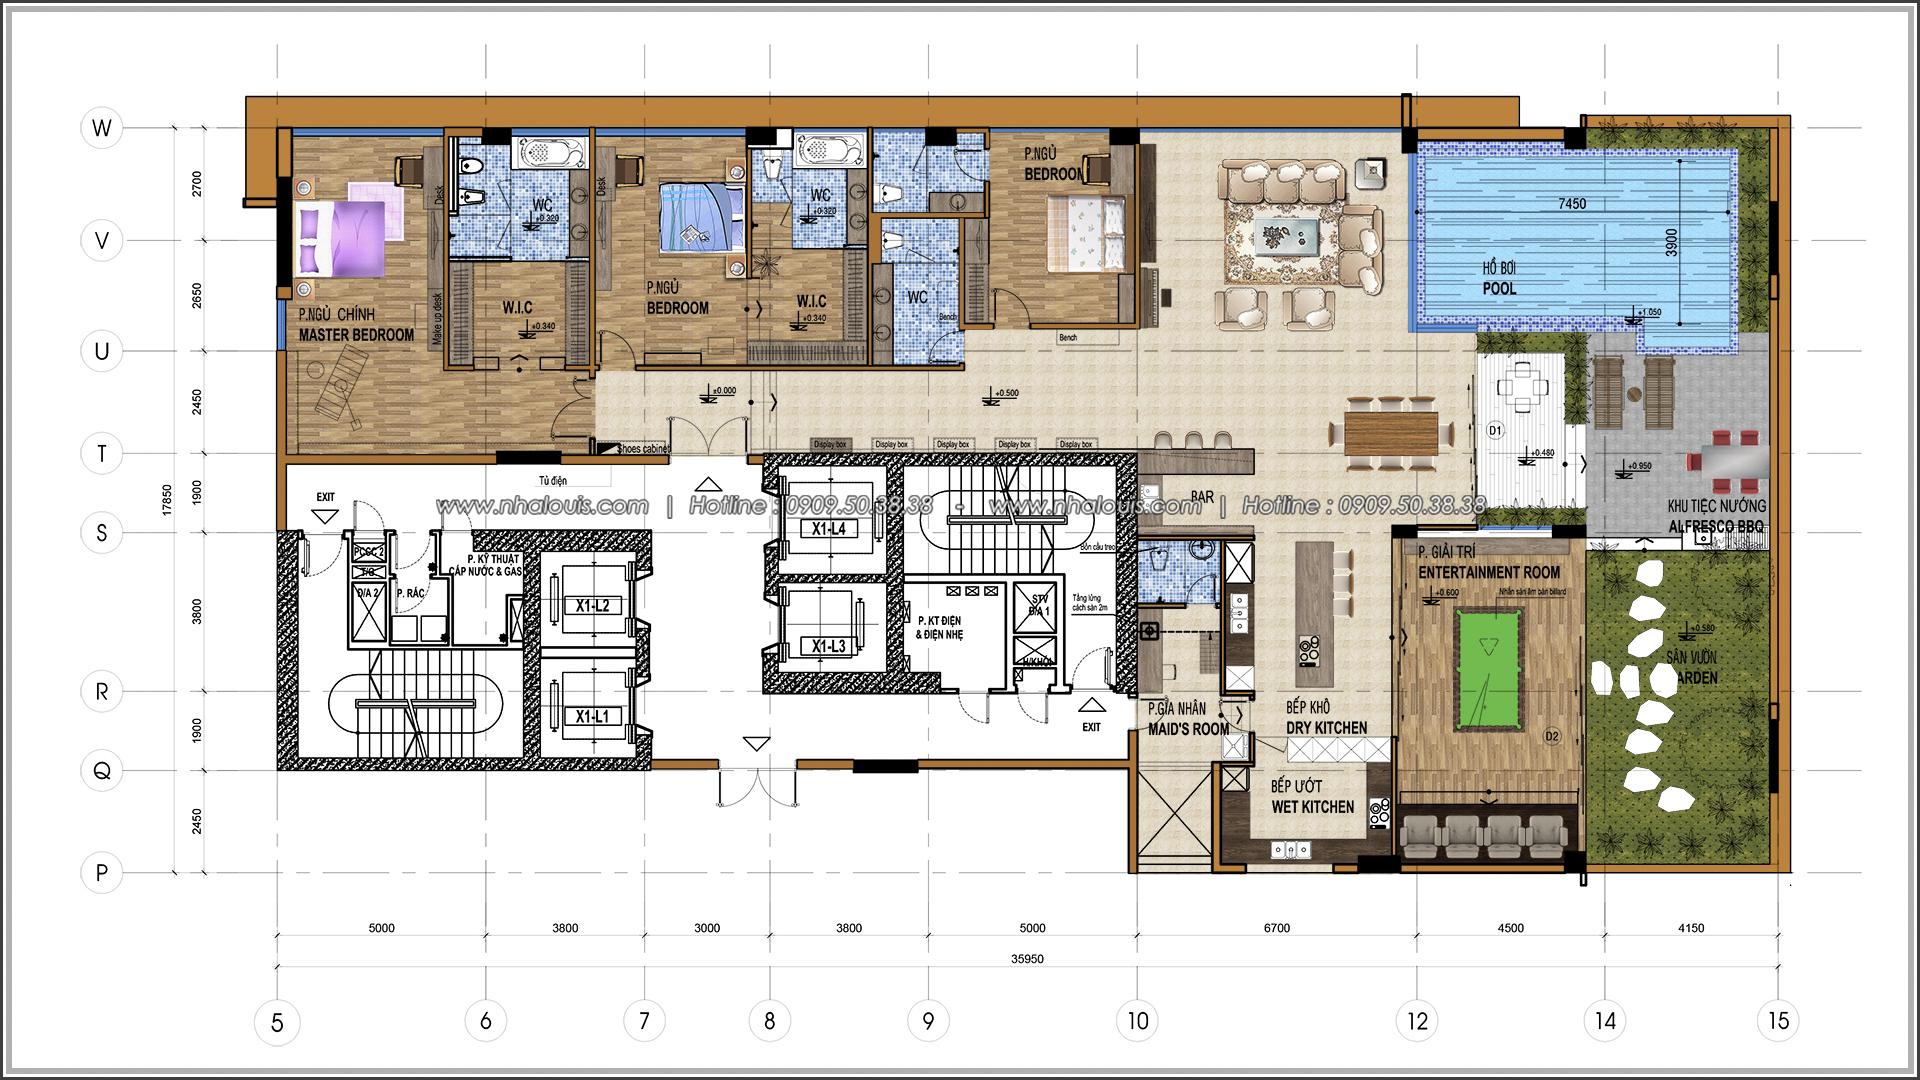 Thiết kế nội thất chung cư hiện đại tại dự án Sunrise City Quận 7 - 02